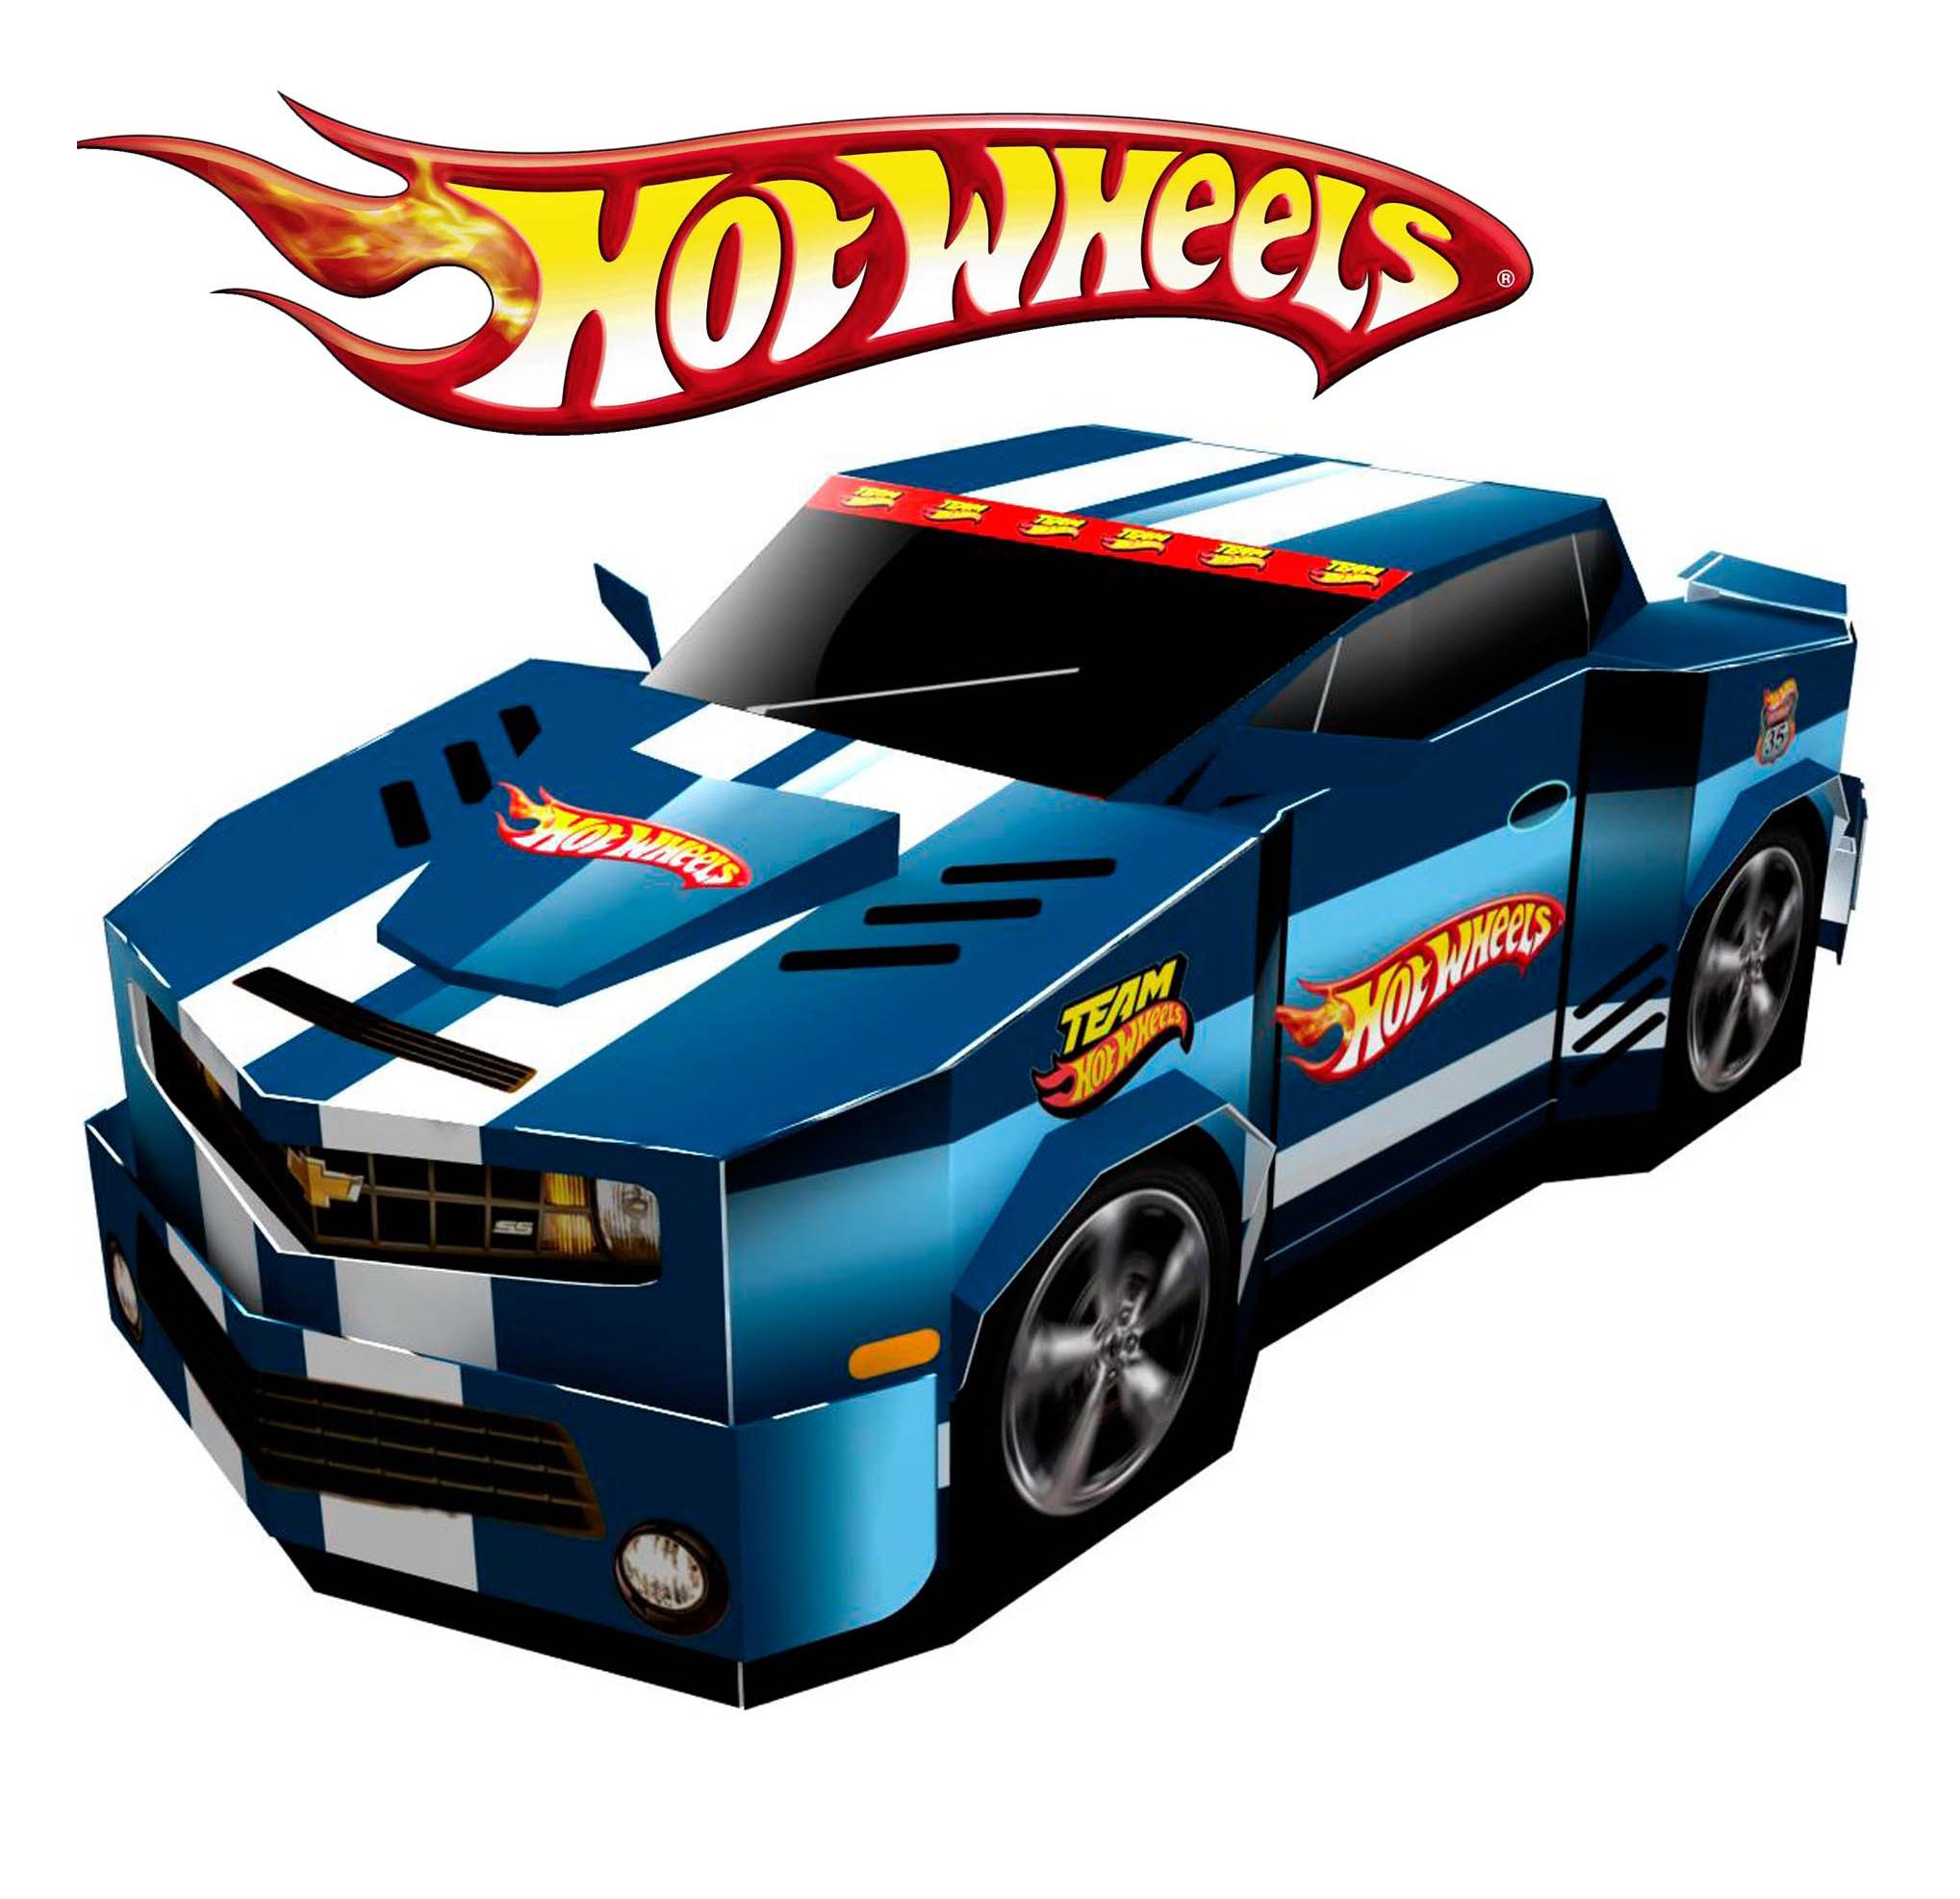 2037x1974 Hot Wheels Logo Vector Flames Font Clipart